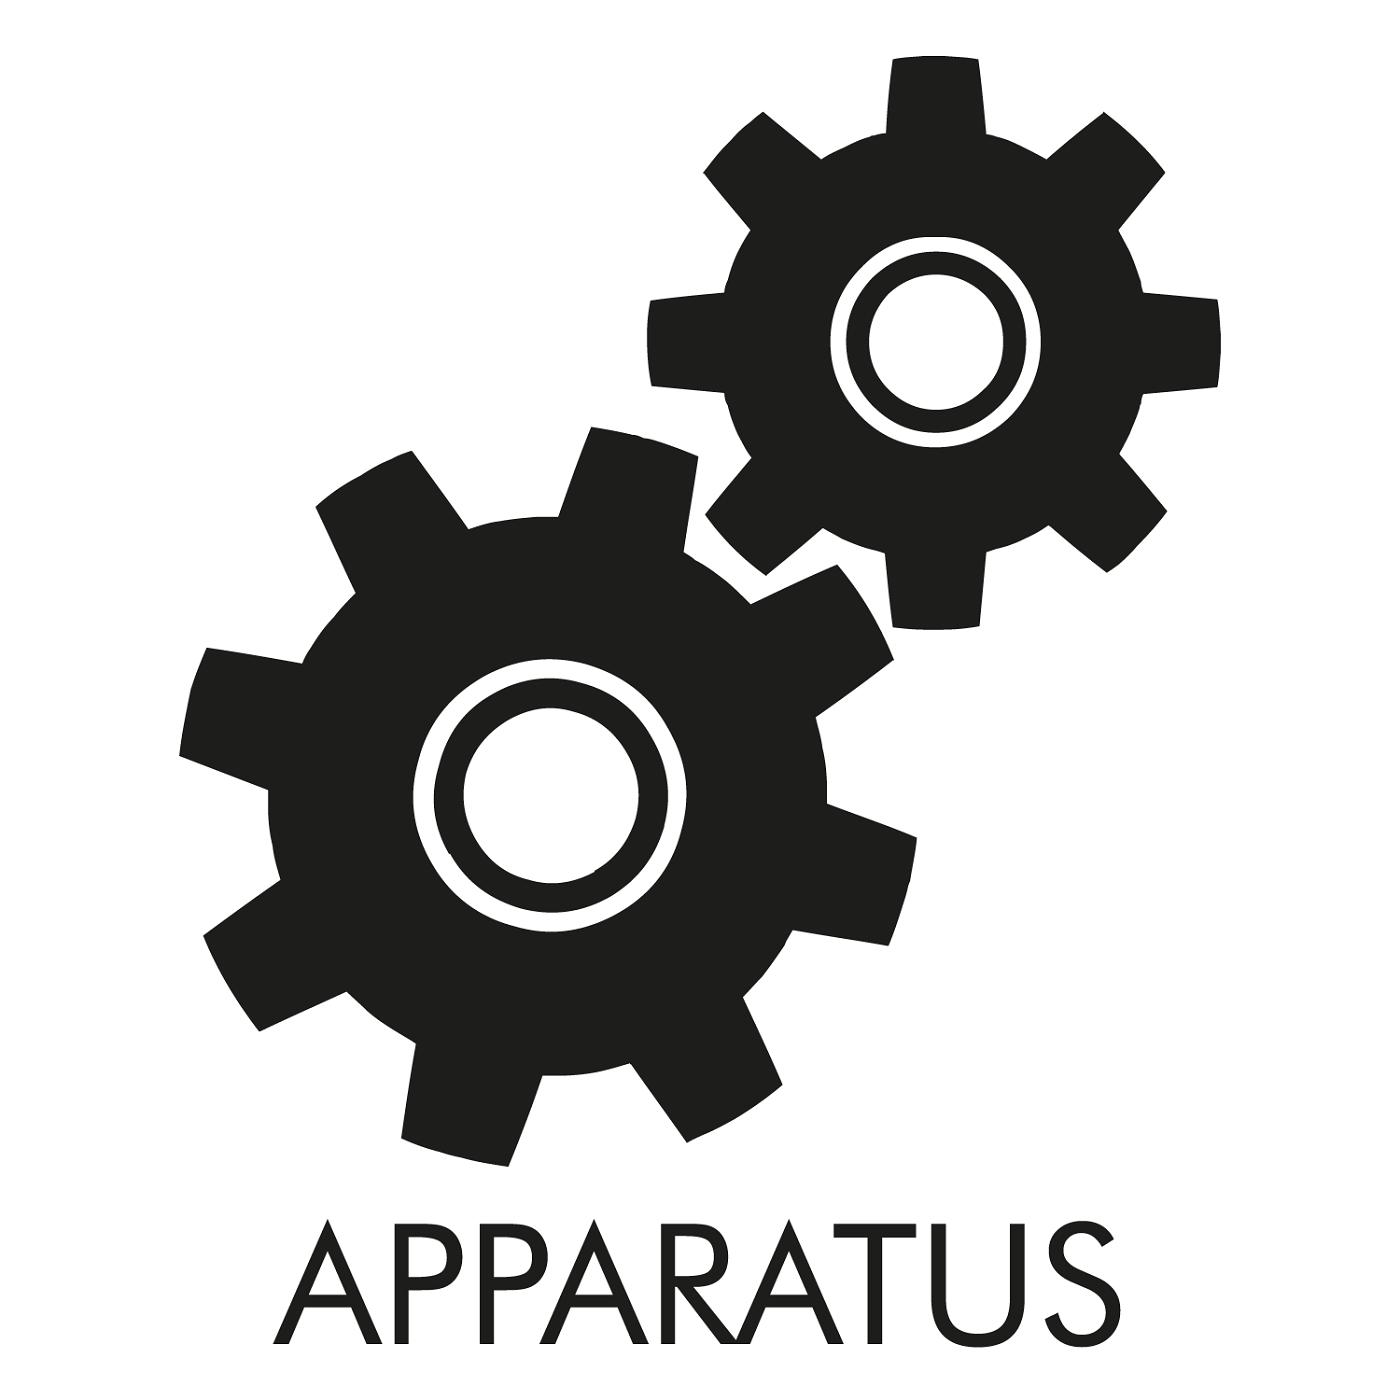 Apparatus pogovori